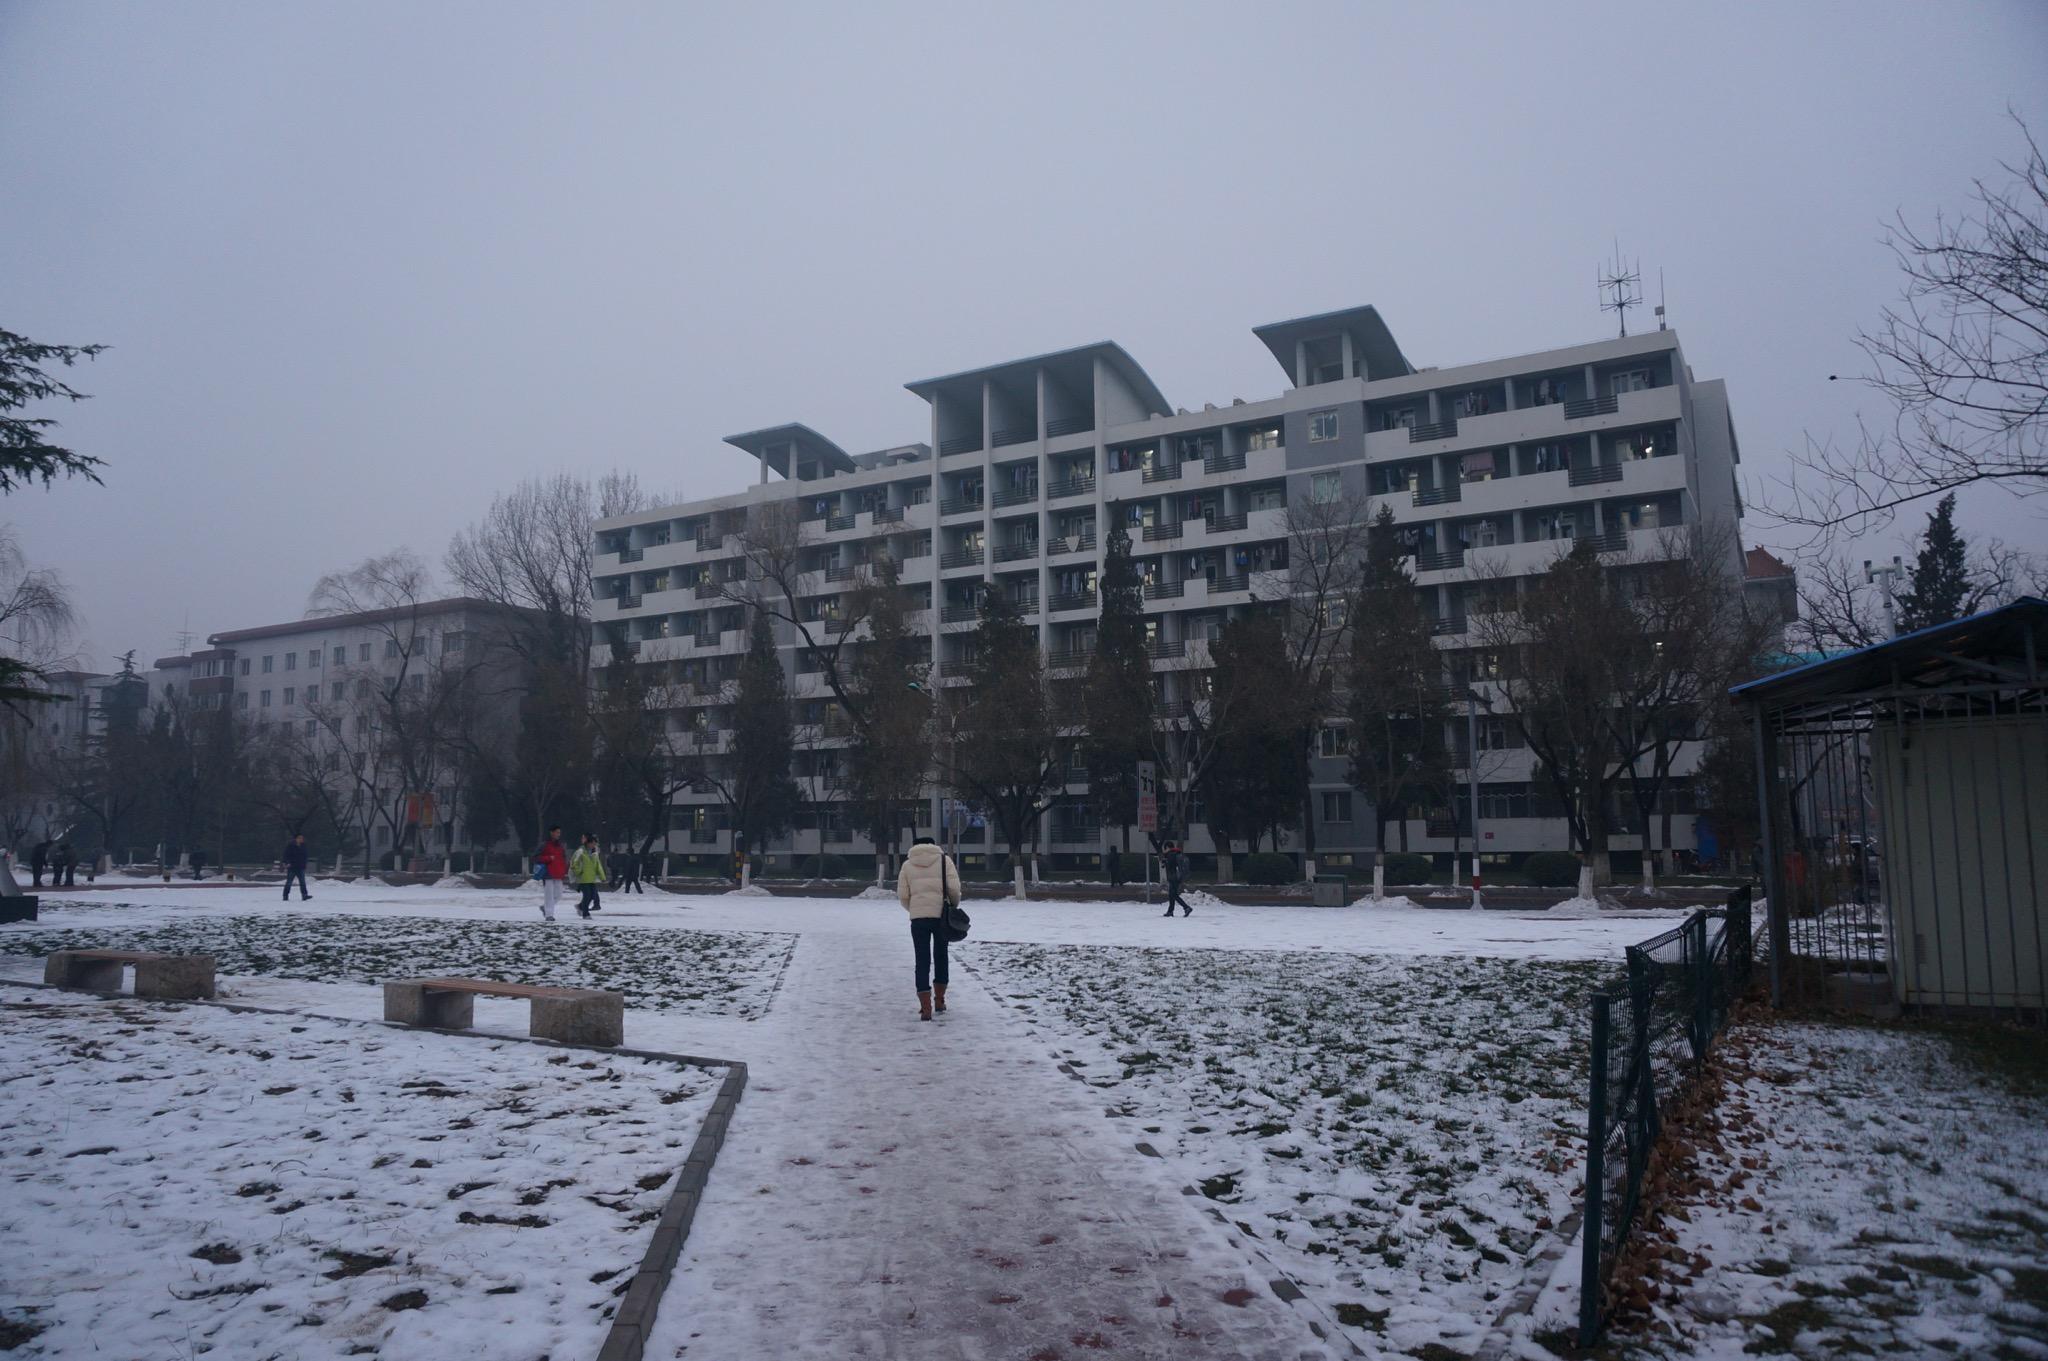 操场旁的宿舍楼